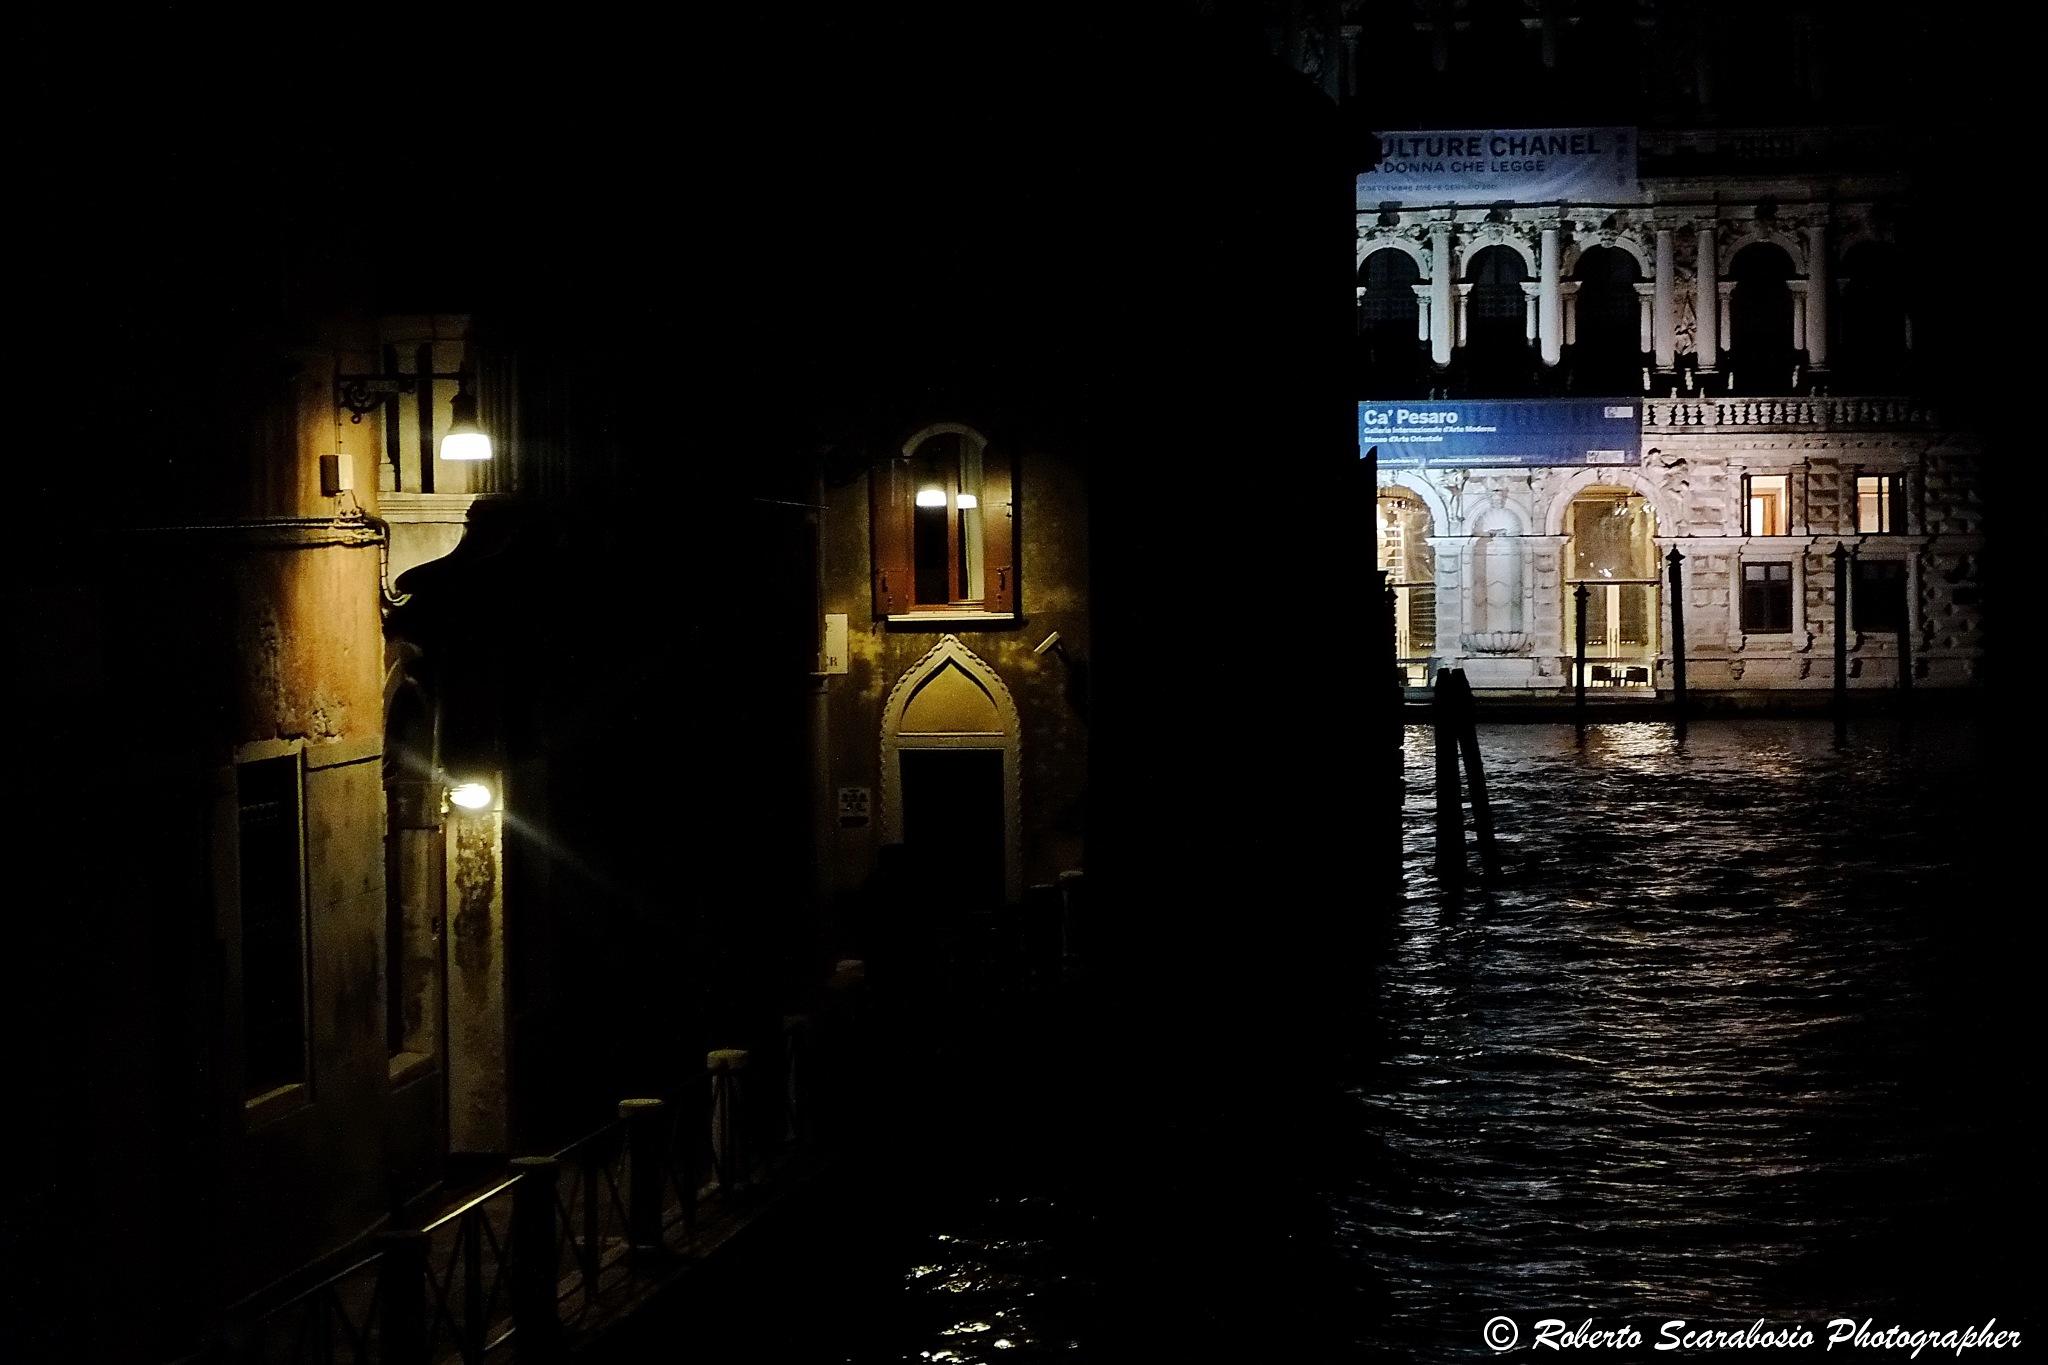 Mistero a Venezia by roberto.scarabosio